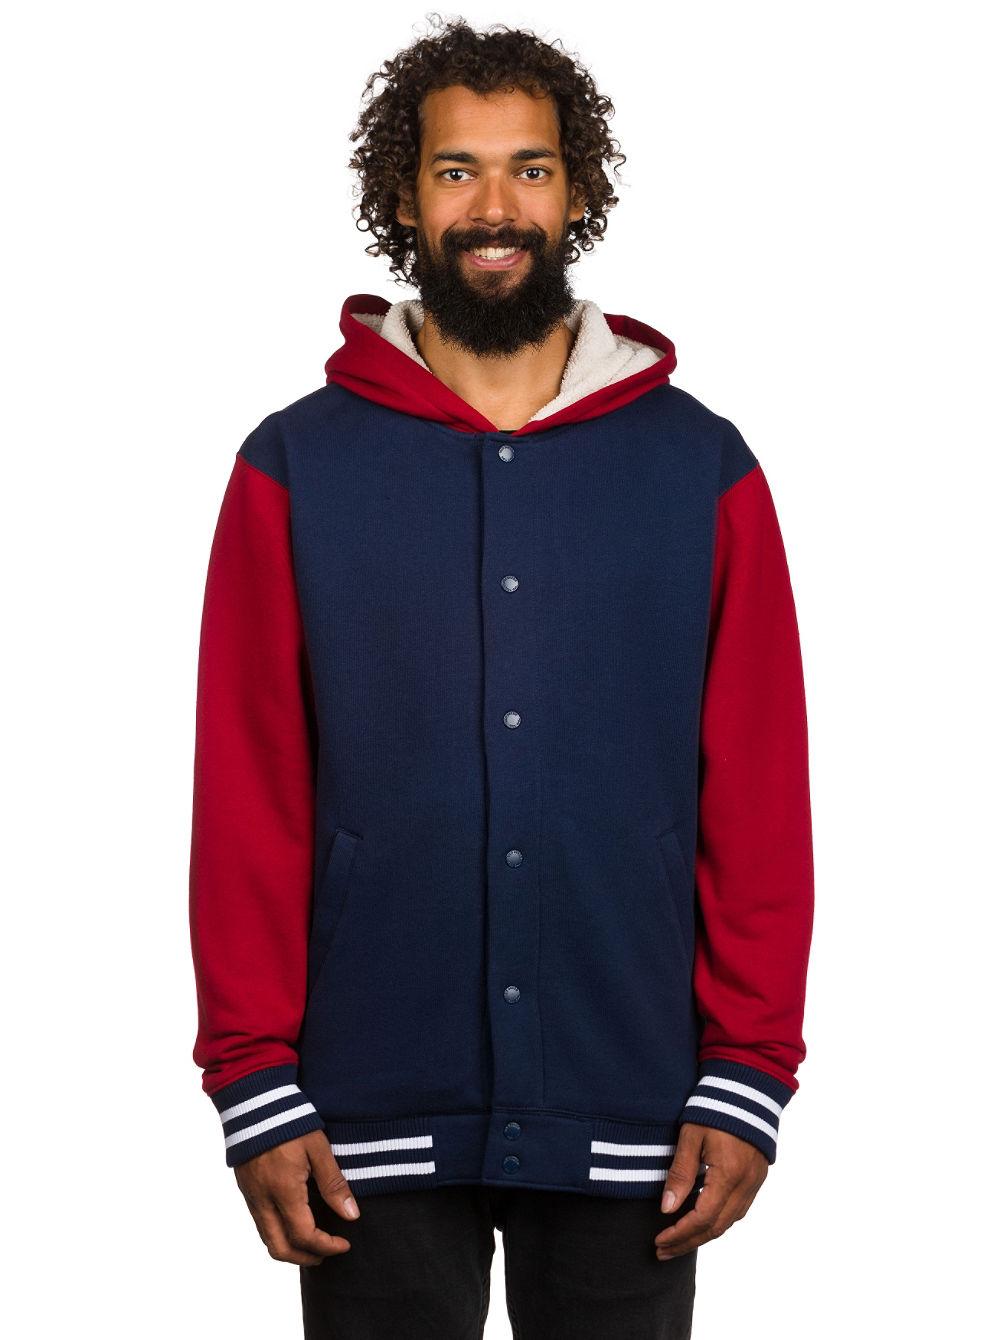 vans-university-ii-sherpa-zip-hoodie